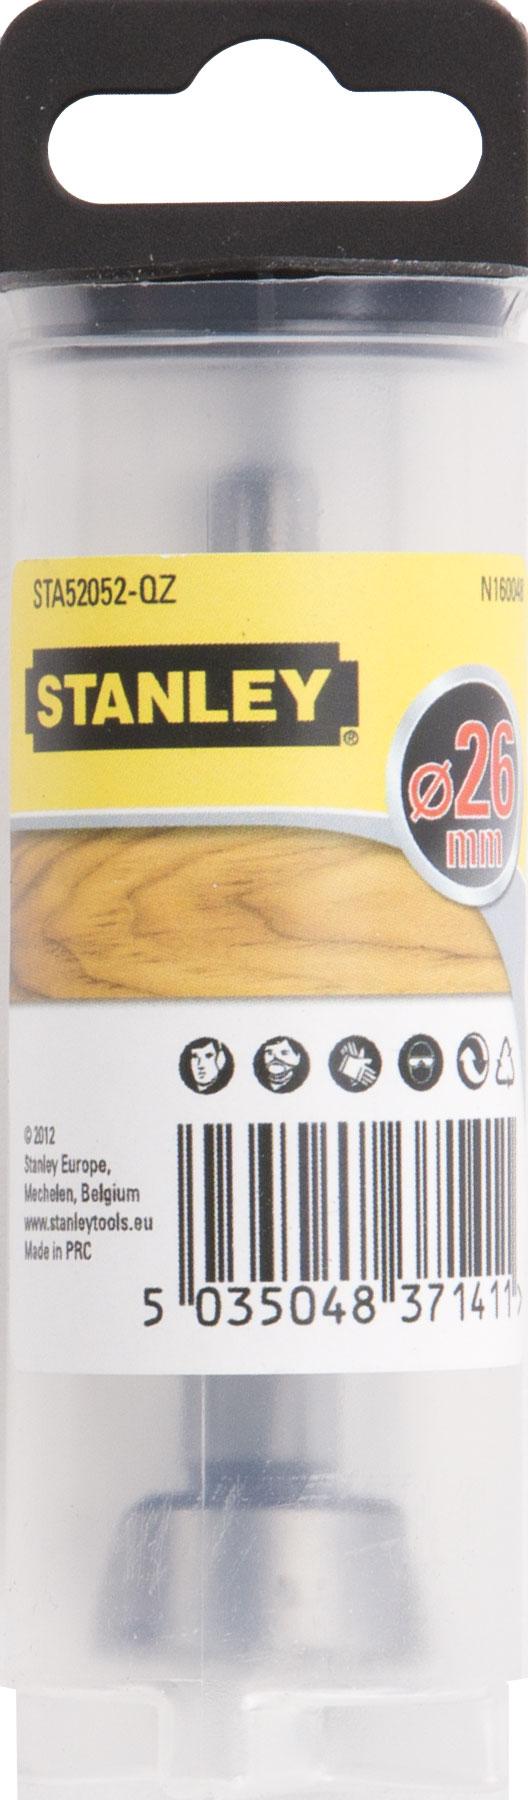 Сверло Stanley Sta52052-qz сверло stanley sta50045 qz